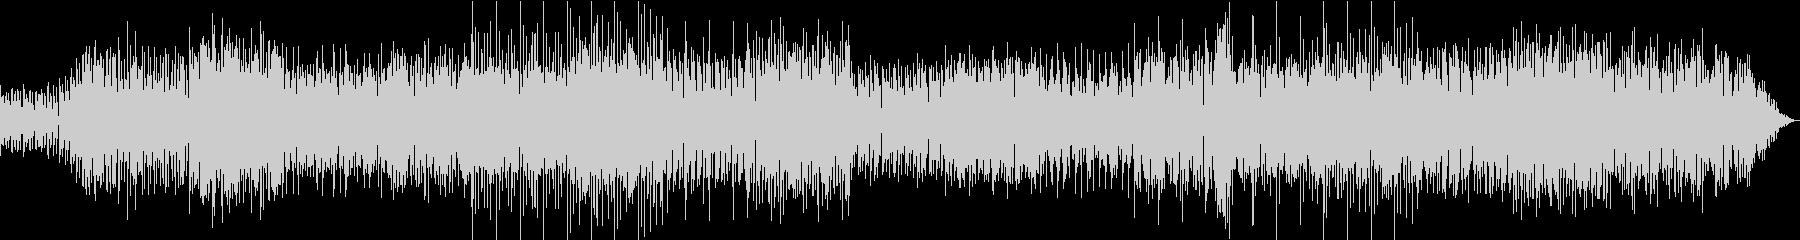 怪しい雰囲気のエレクトロミュージックの未再生の波形